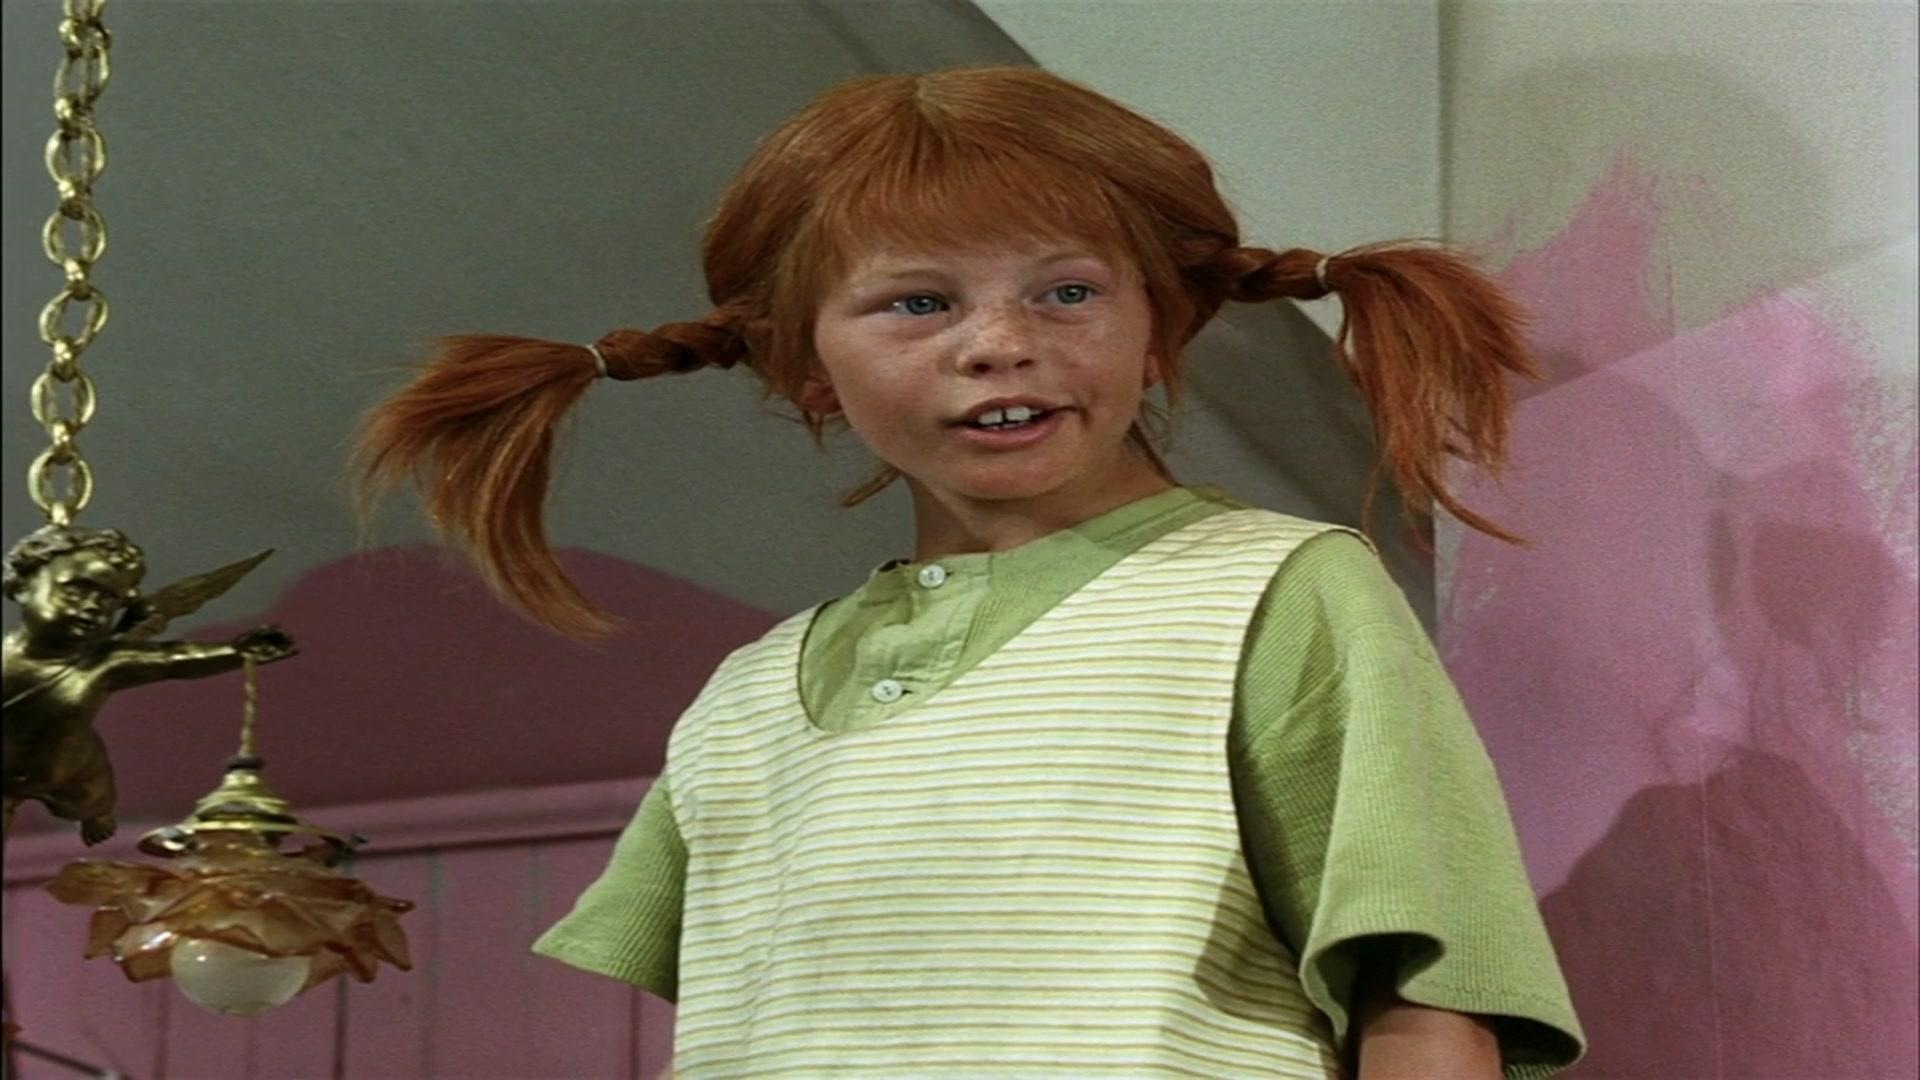 Wie Sieht Pippi Langstrumpf Aus